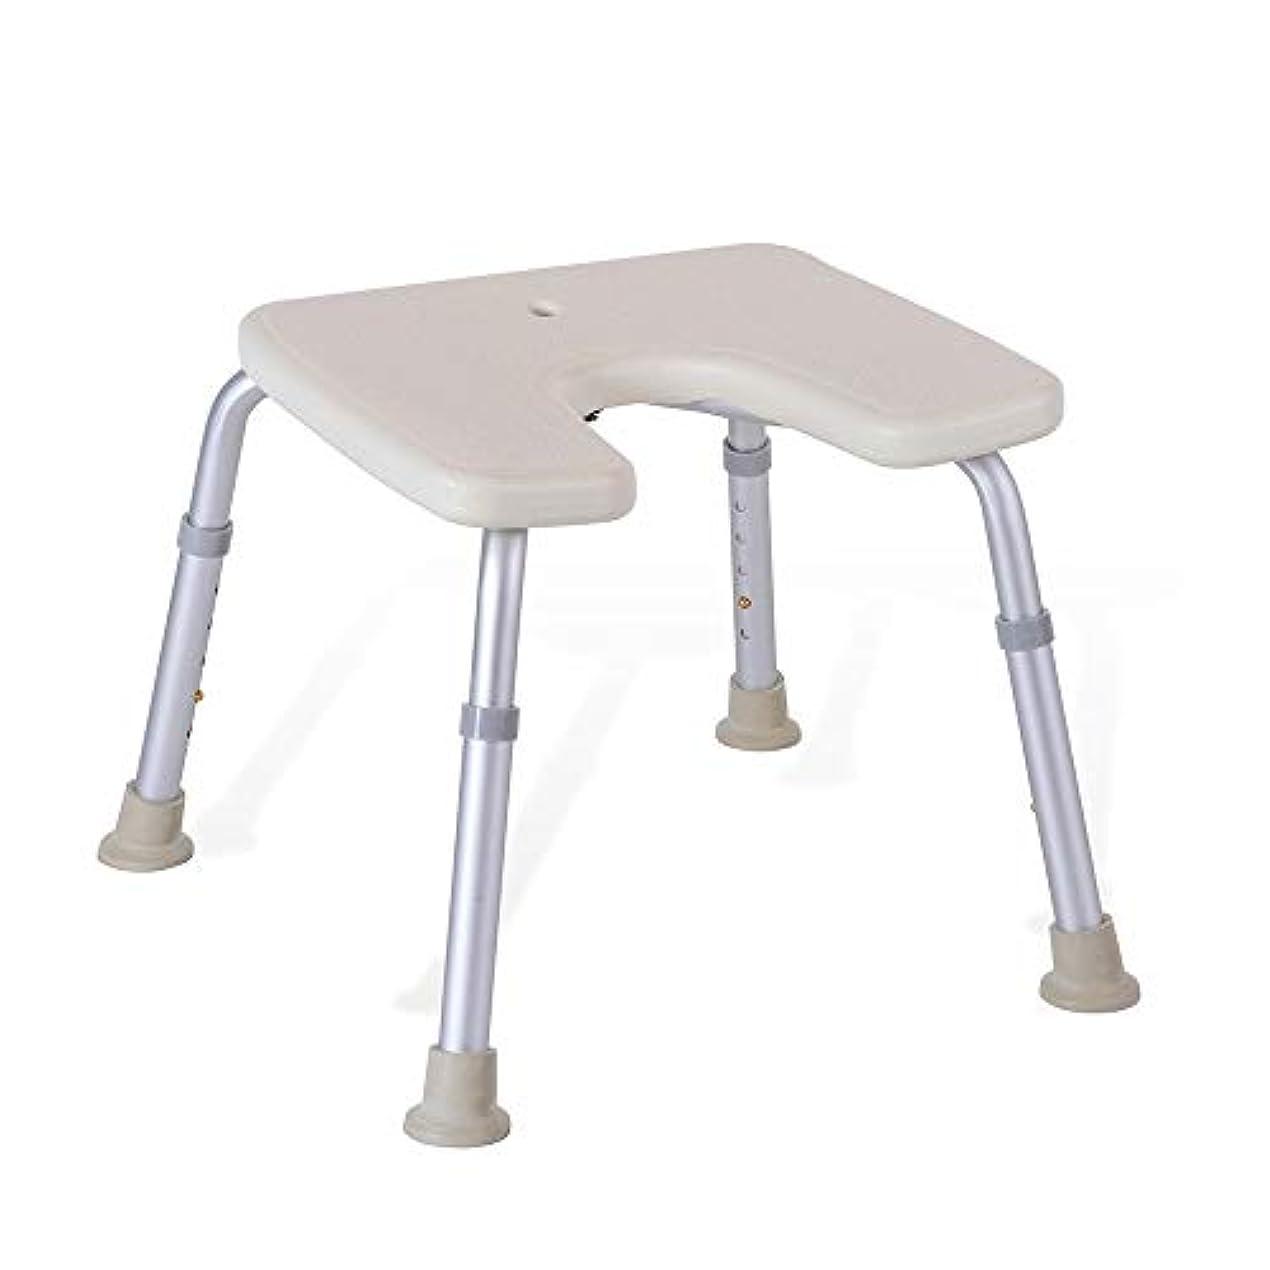 打ち負かす耐えられないベリ調節可能なU字型の高齢者用浴槽シート、バスチェア、保護パッド付きパッド、シャワースツール